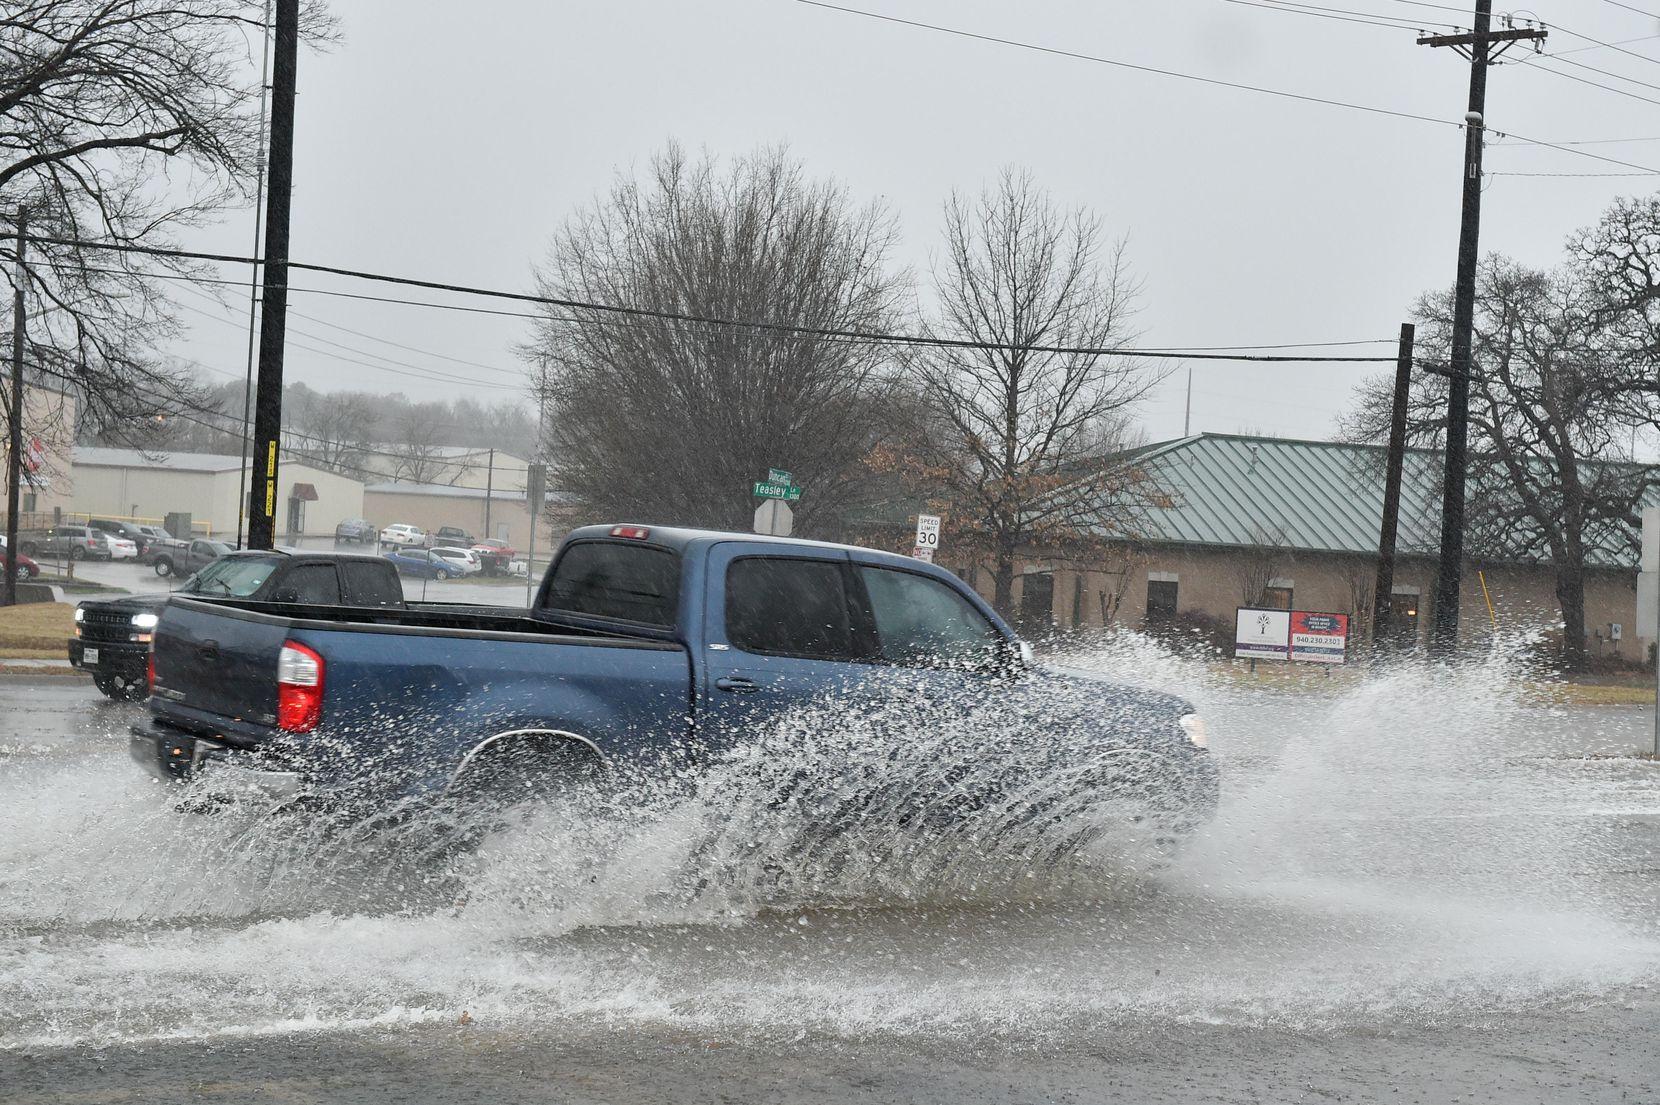 Hubo condiciones de inundación en algunas partes del Norte de Texas. Esta imagen fue captada en Teasley Lane y Dallas Drive, en Denton. JEFF WOO/DRC